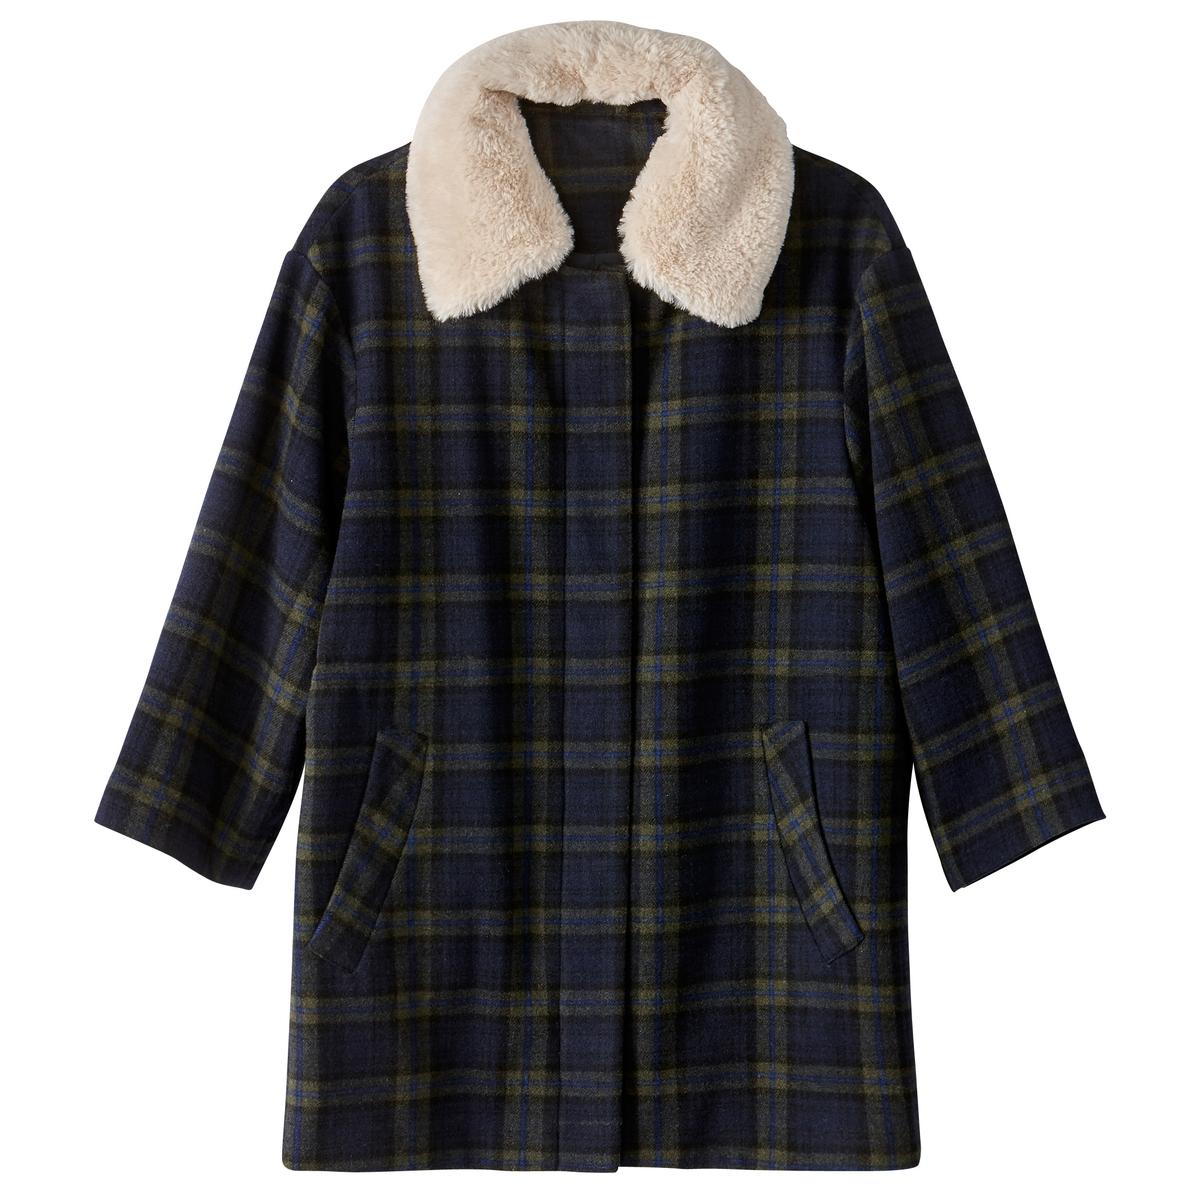 Пальто в клеткуОписание:Воротник из искусственного меха и укороченные рукава : мода. которая будет с нами на протяжении этой зимы . Пальто на молнии из смесовой шерсти, объемный покрой . На подкладке.Детали •  Длина : средняя •  Воротник-поло, рубашечный •  Рисунок в клетку •  Застежка на молниюСостав и уход •  54% шерсти, 2% акрила, 2% полиамида, 42% полиэстера  • Не стирать  •  Любые растворители / не отбеливать   •  Не использовать барабанную сушку   •  Низкая температура глажки •  Длина : 82 см<br><br>Цвет: в клетку